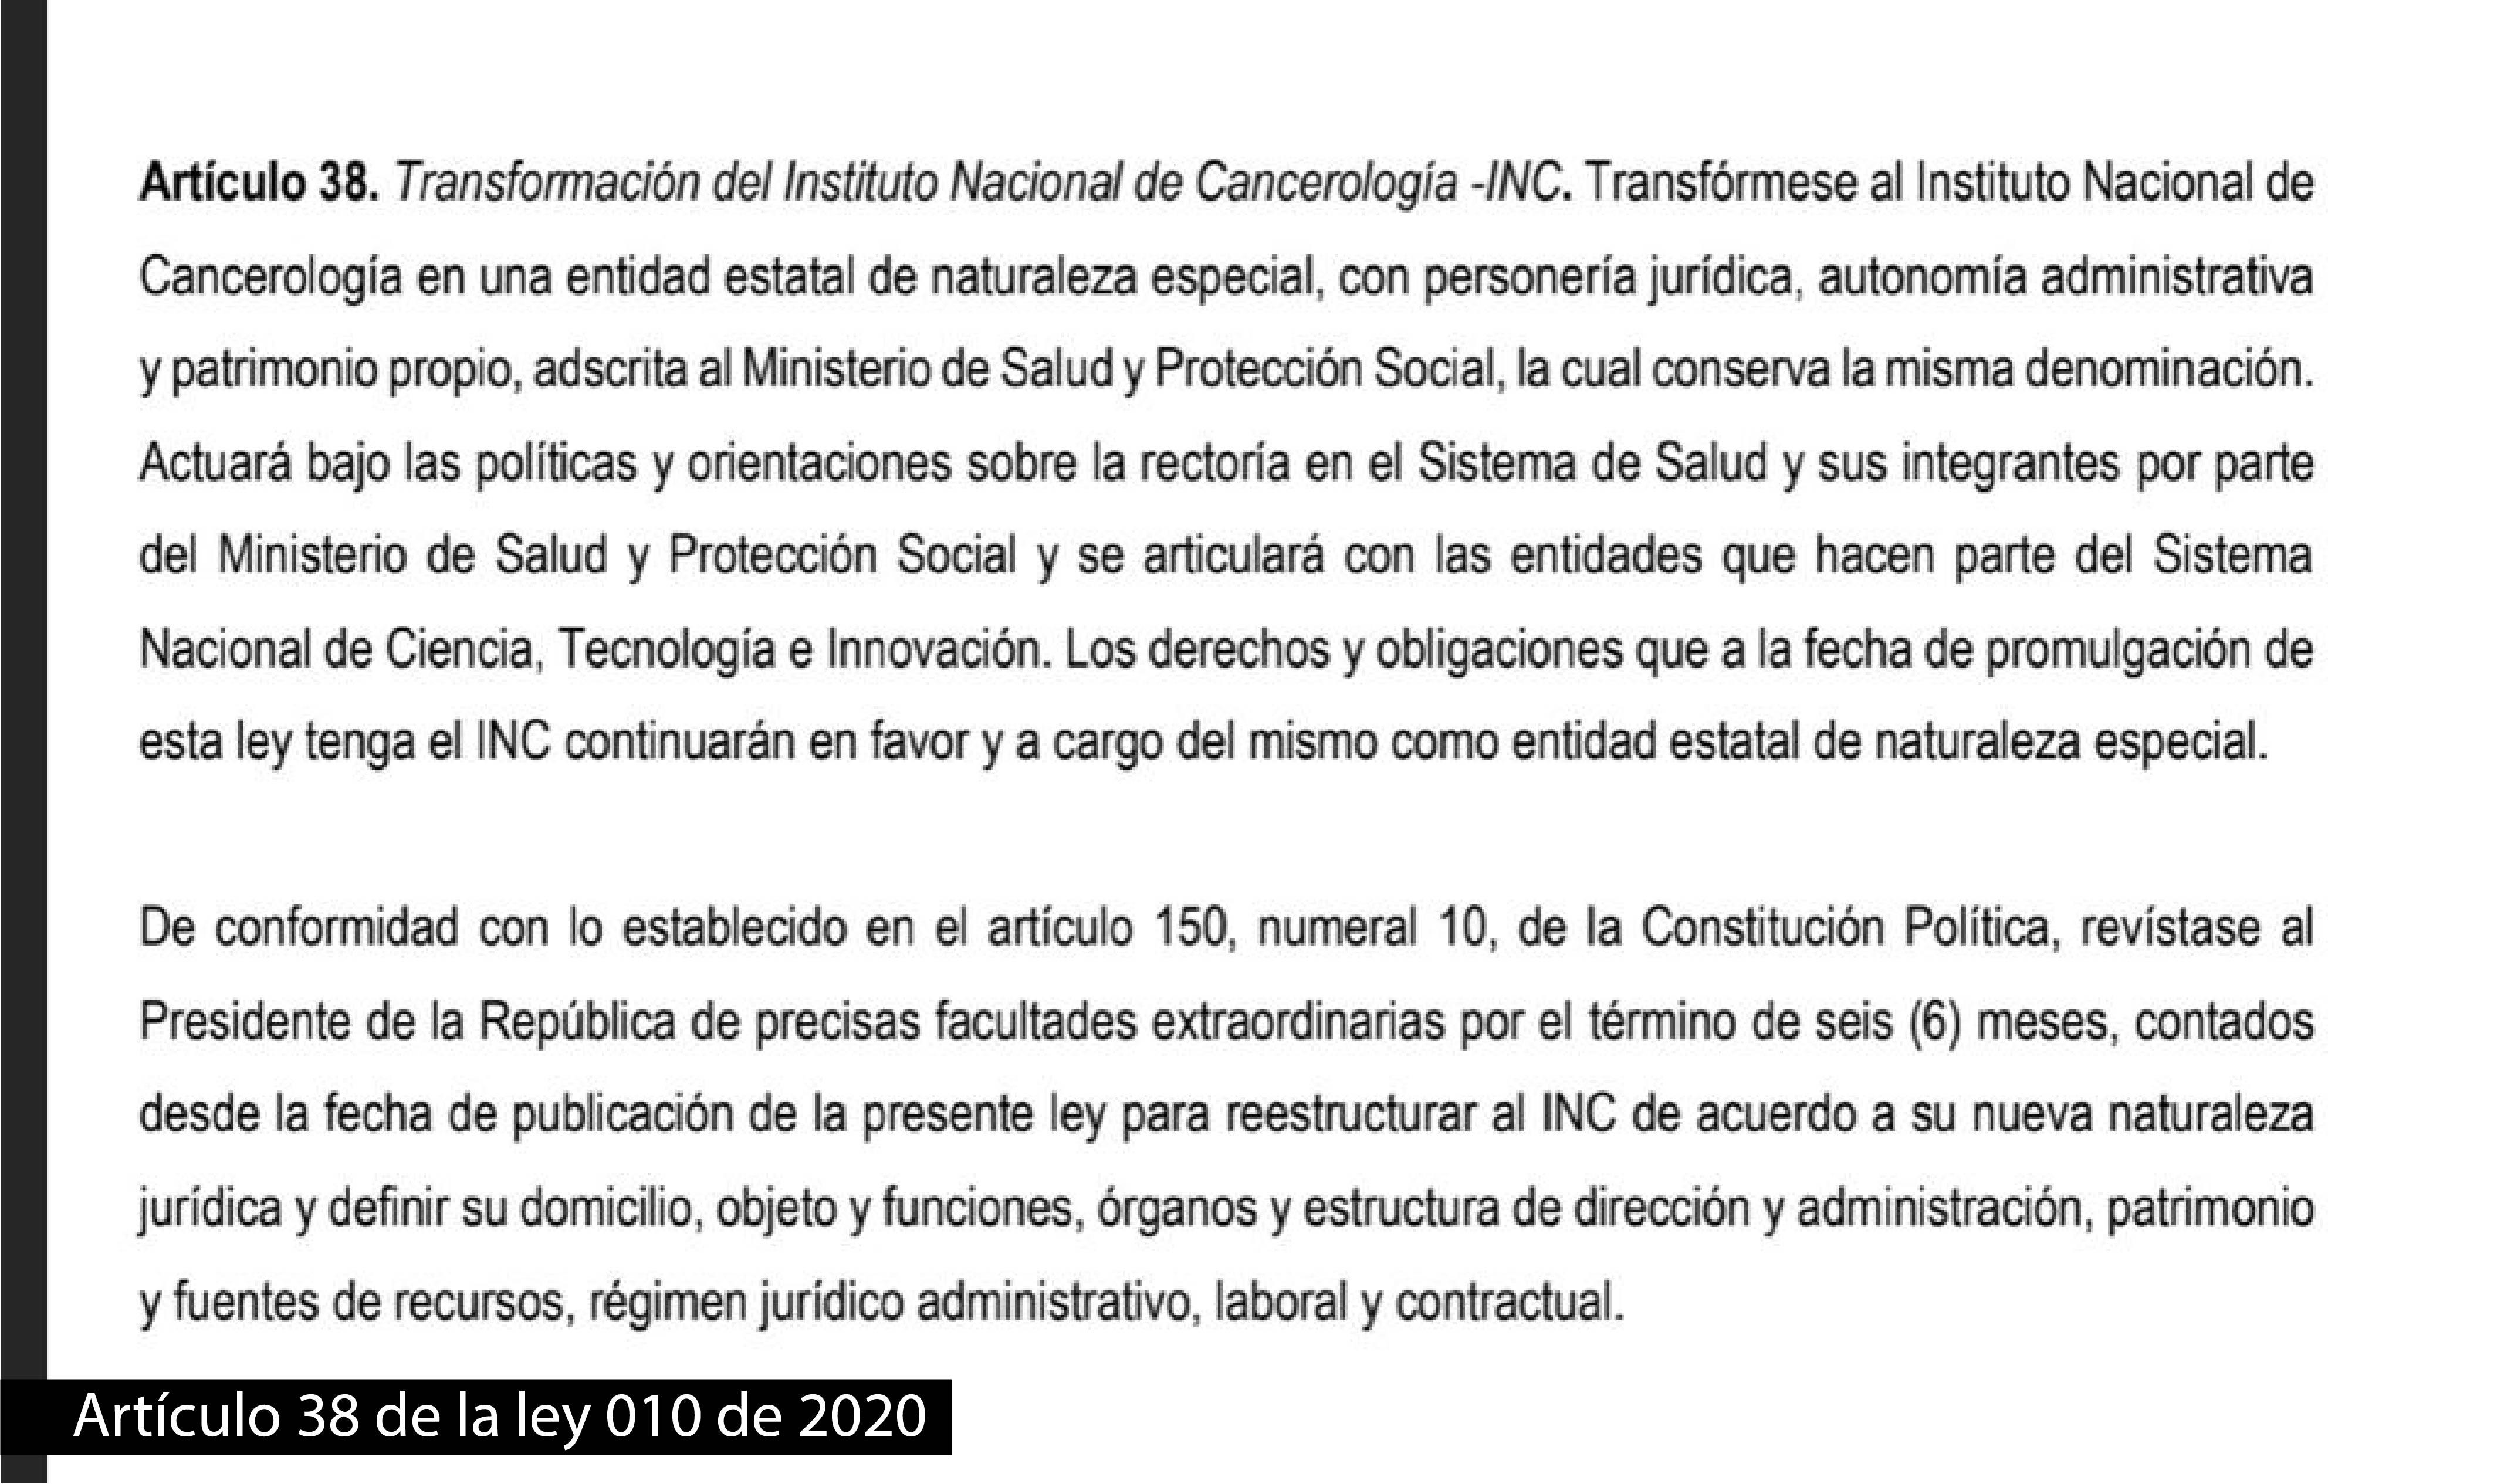 Articulo 38